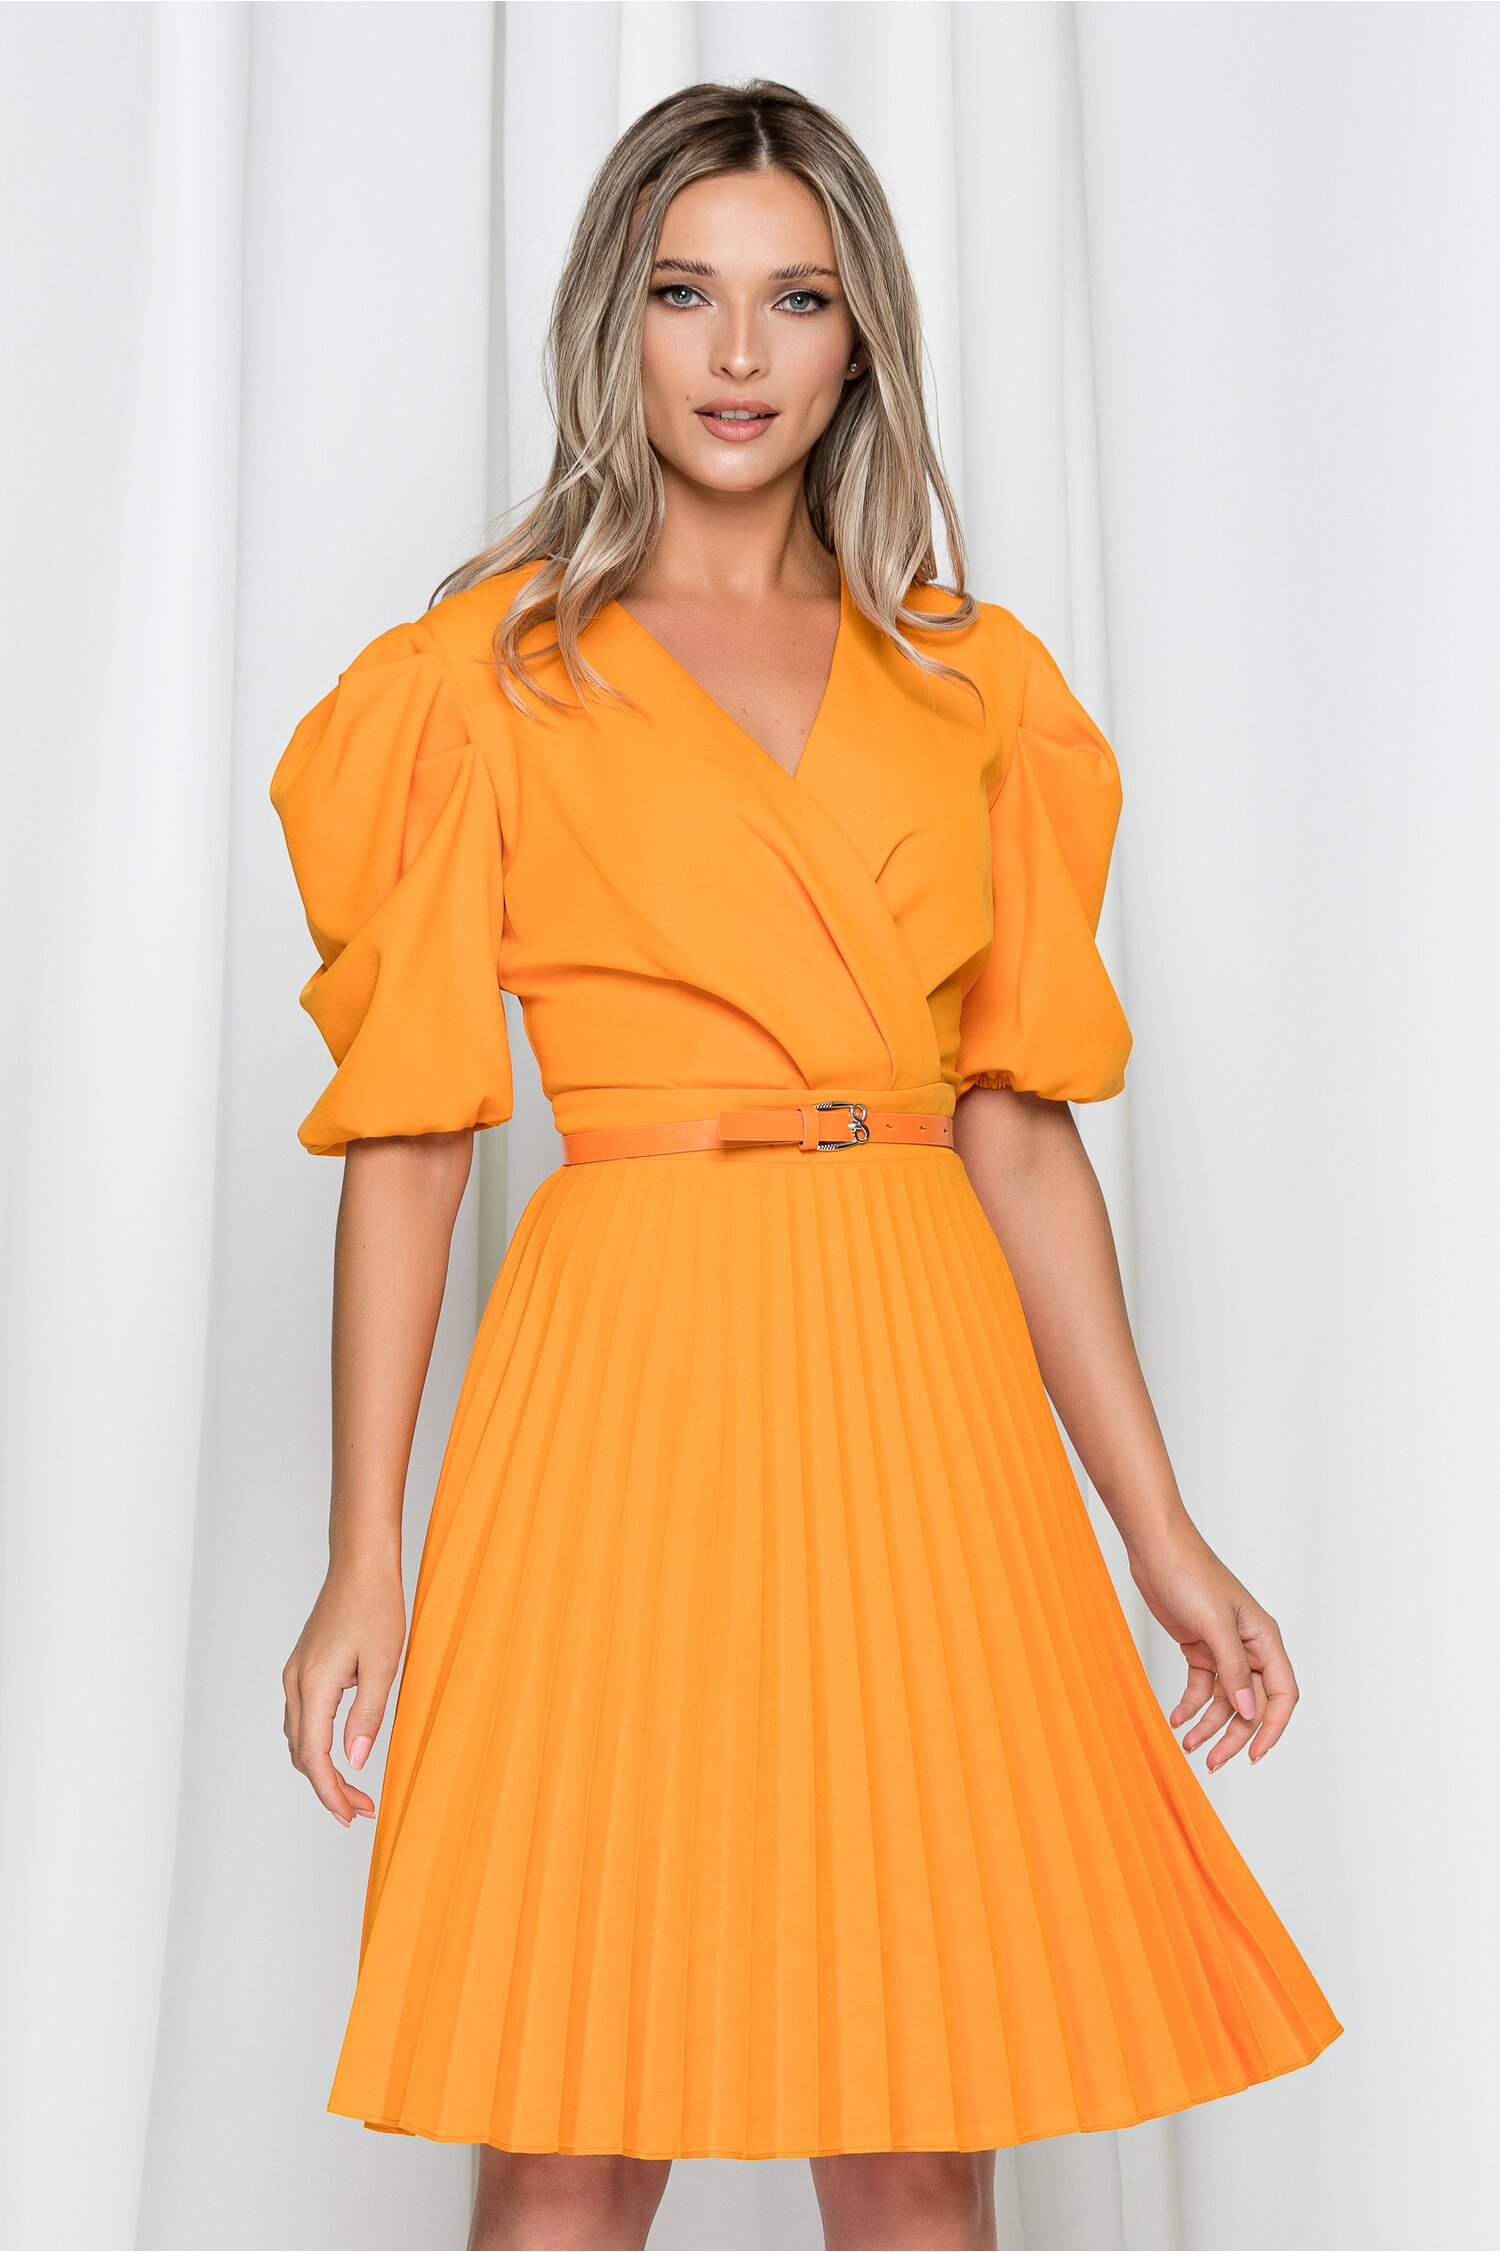 Rochie Karen portocalie cu pliuri pe fusta si maneci bufante